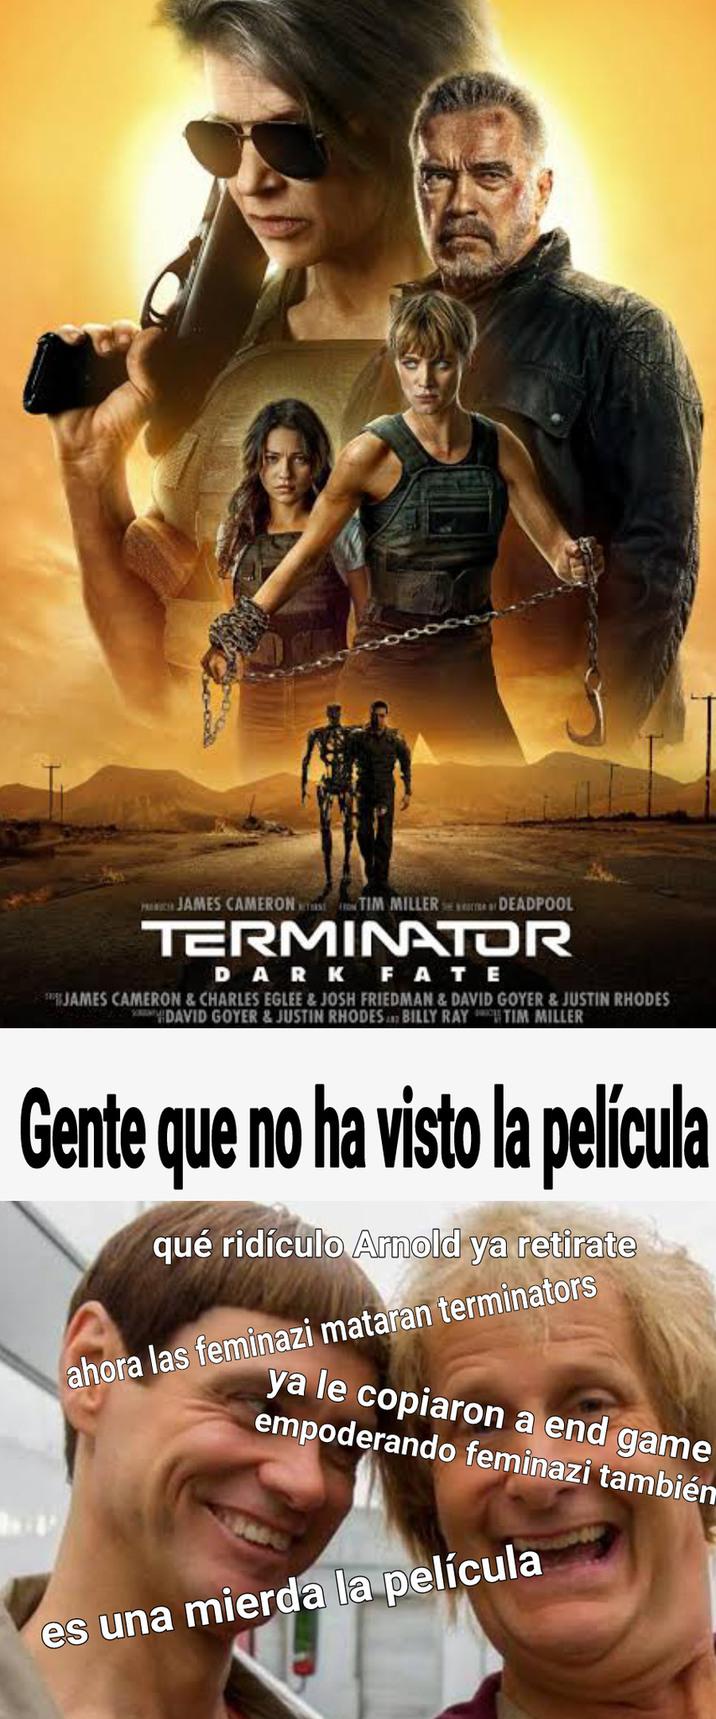 Ya vi la película, una genialidad llena de nostalgia - meme